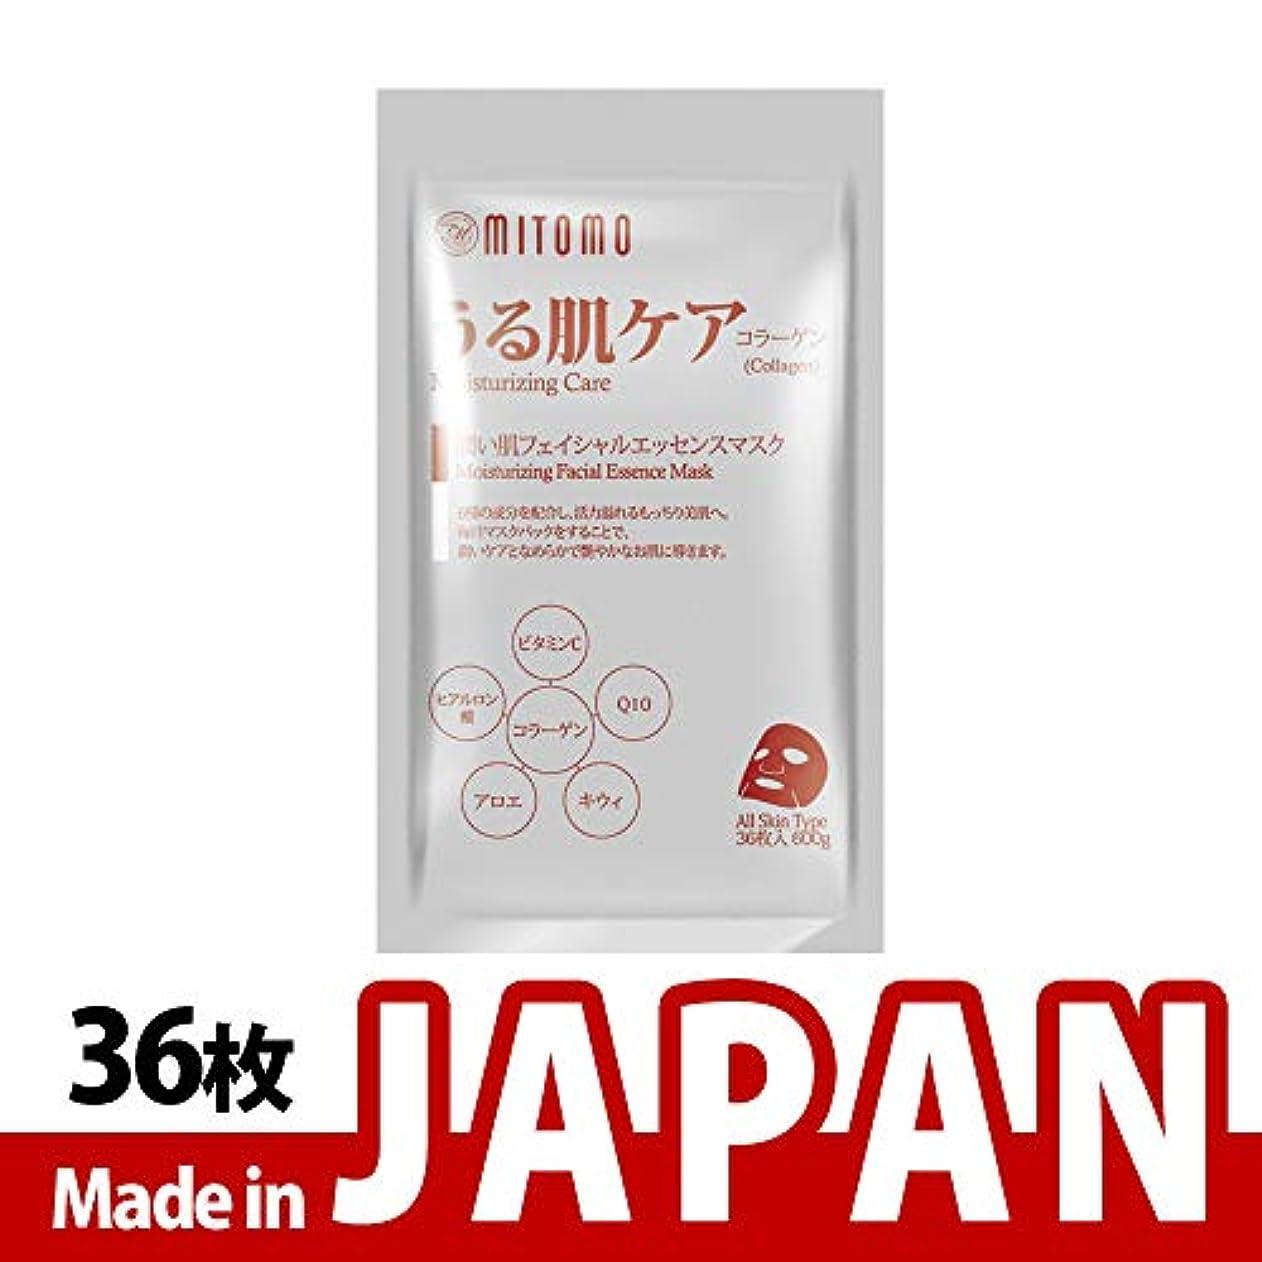 ポーン摂氏度成長【MT101-E-1】MITOMO日本製うる肌ケア シートマスク/36枚入り/36枚/美容液/マスクパック/送料無料